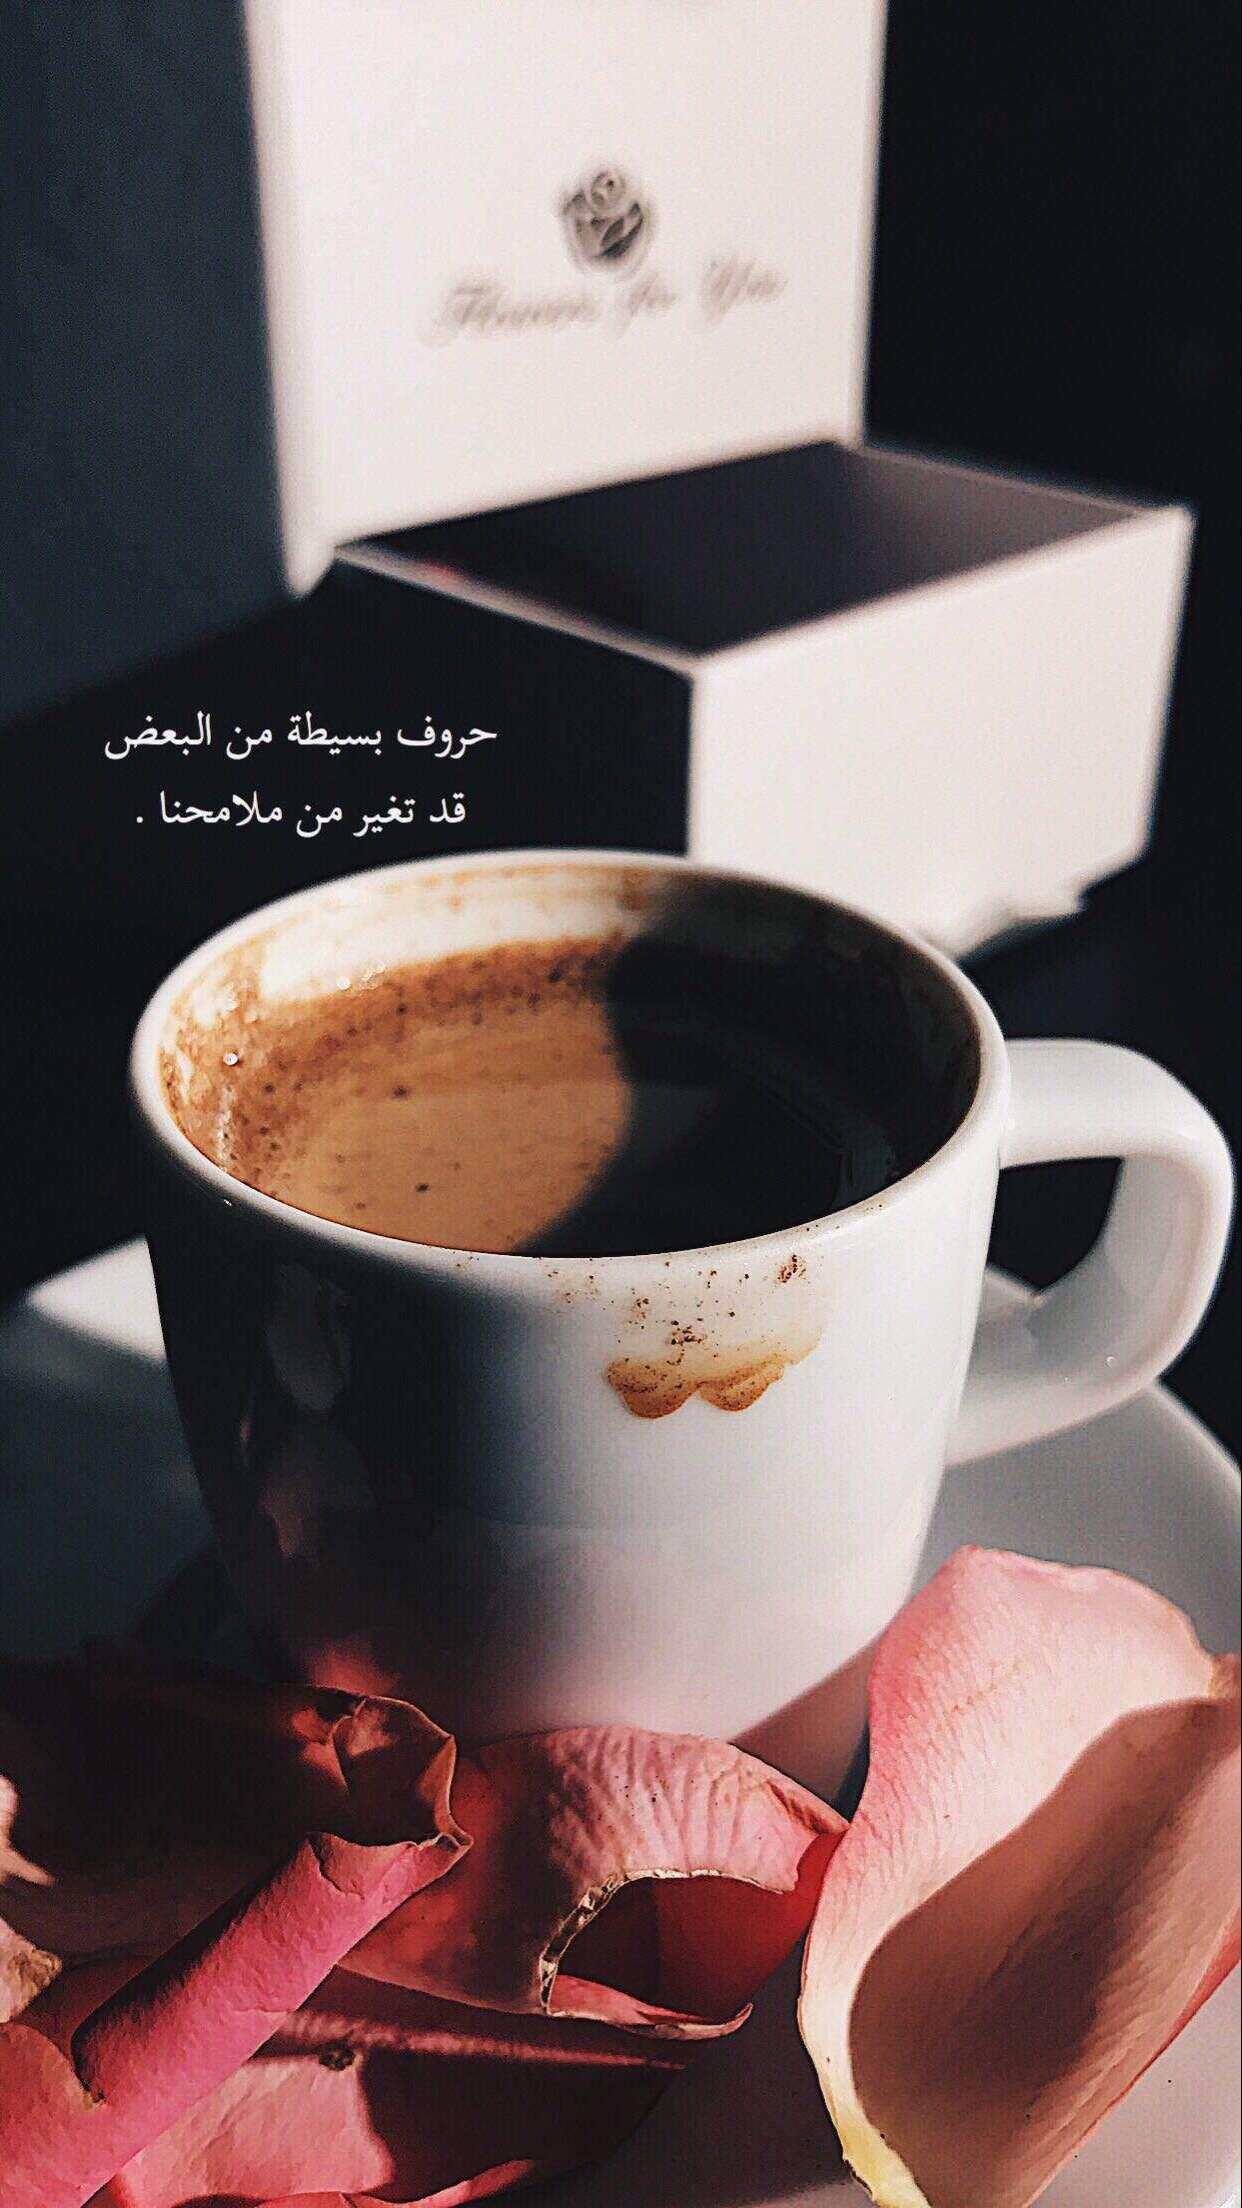 عبارة قهوه Coffee Love Quotes Funny Arabic Quotes Islamic Love Quotes